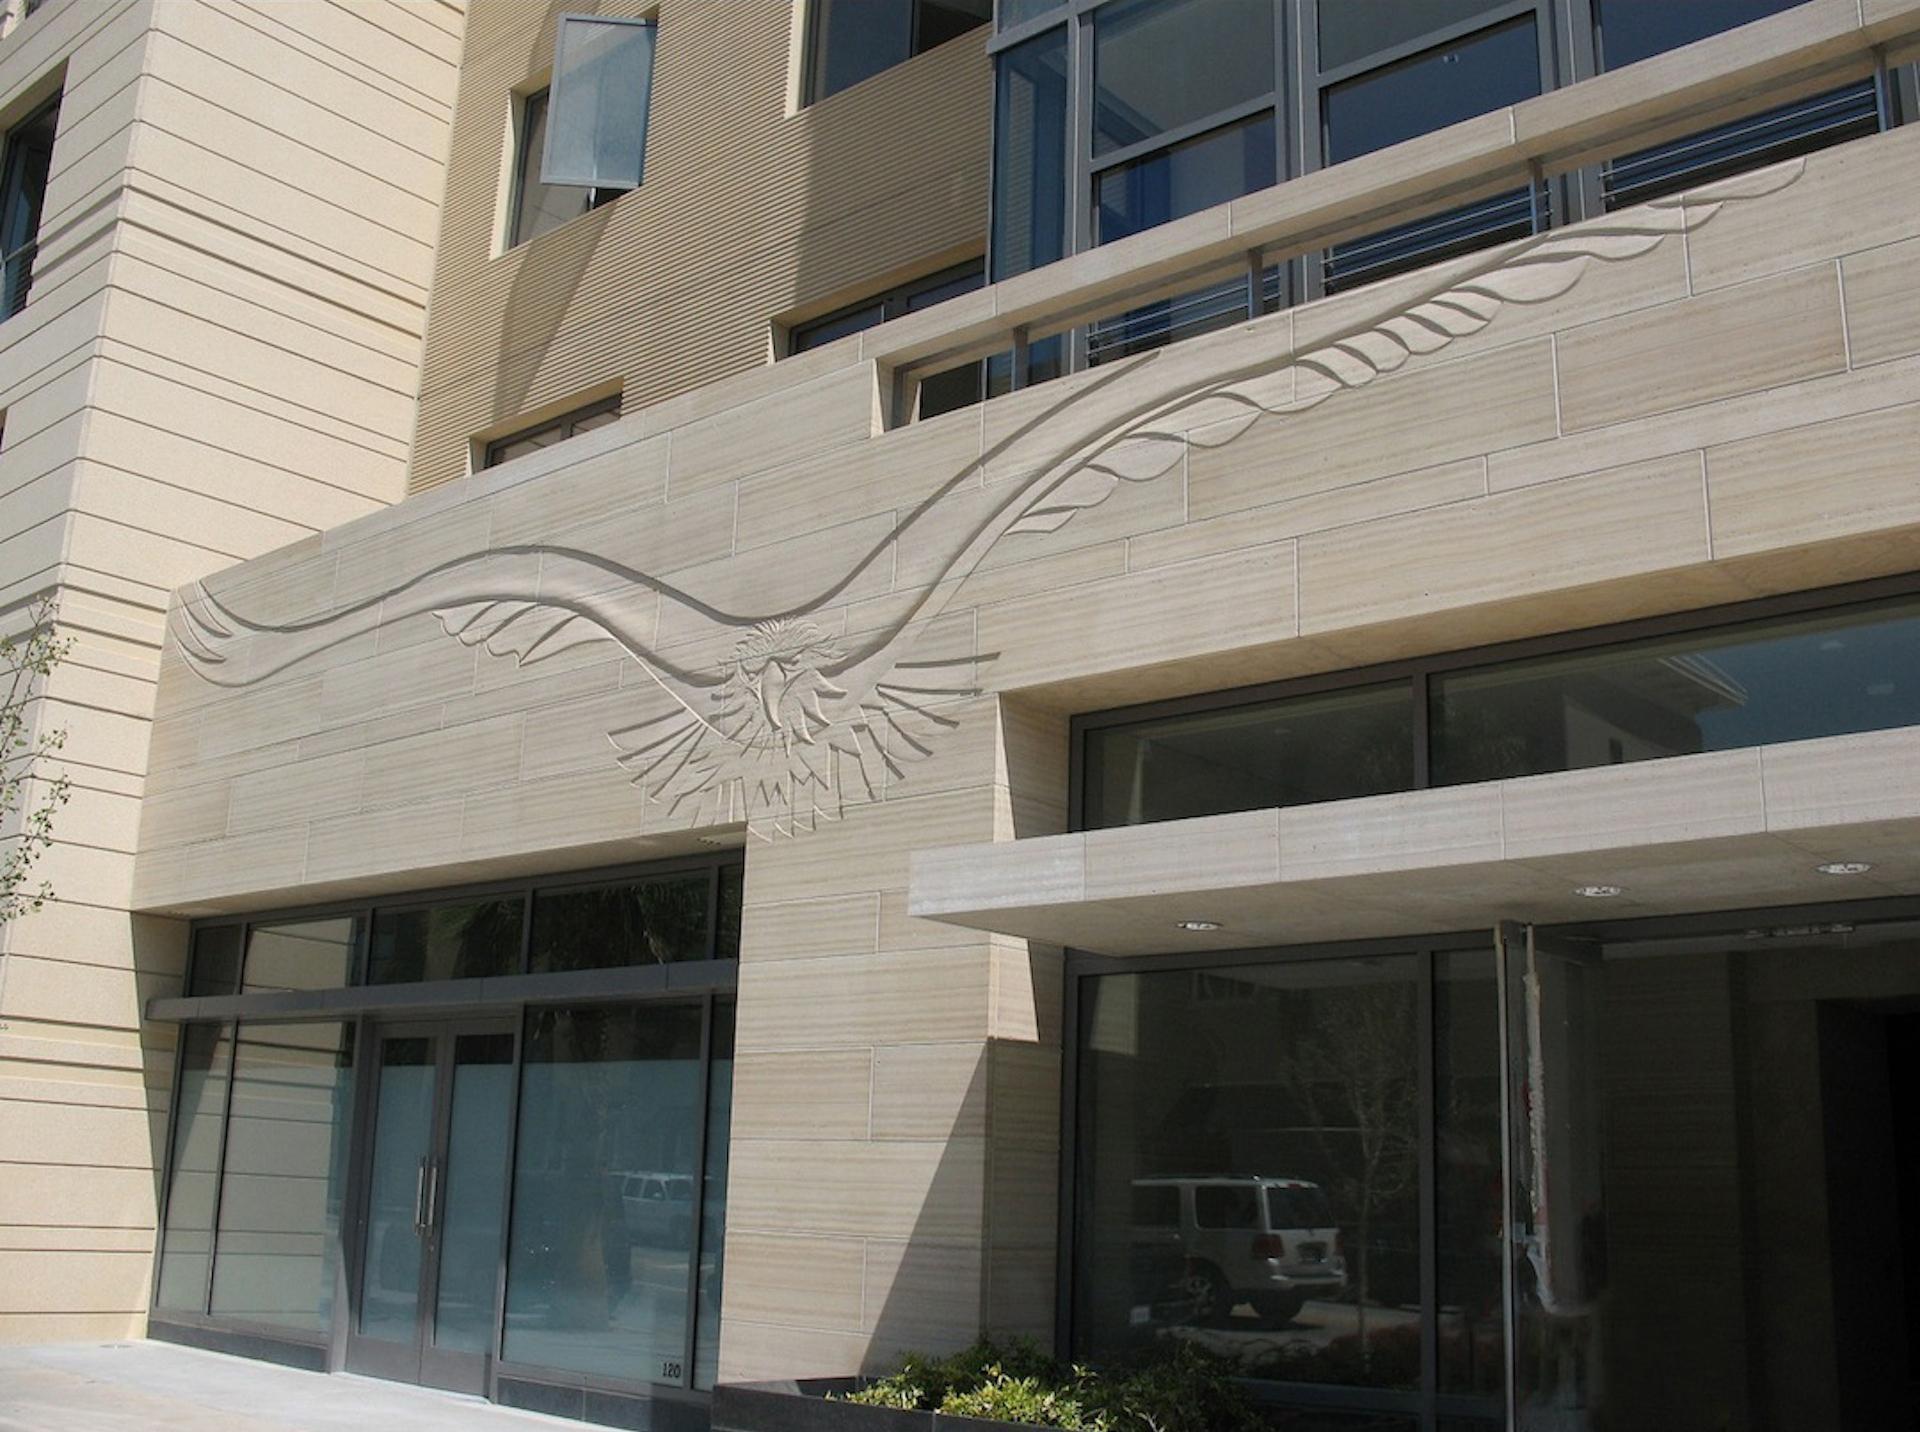 Colorado Blvd. Facade Raptor Relief, Pasadena, CA